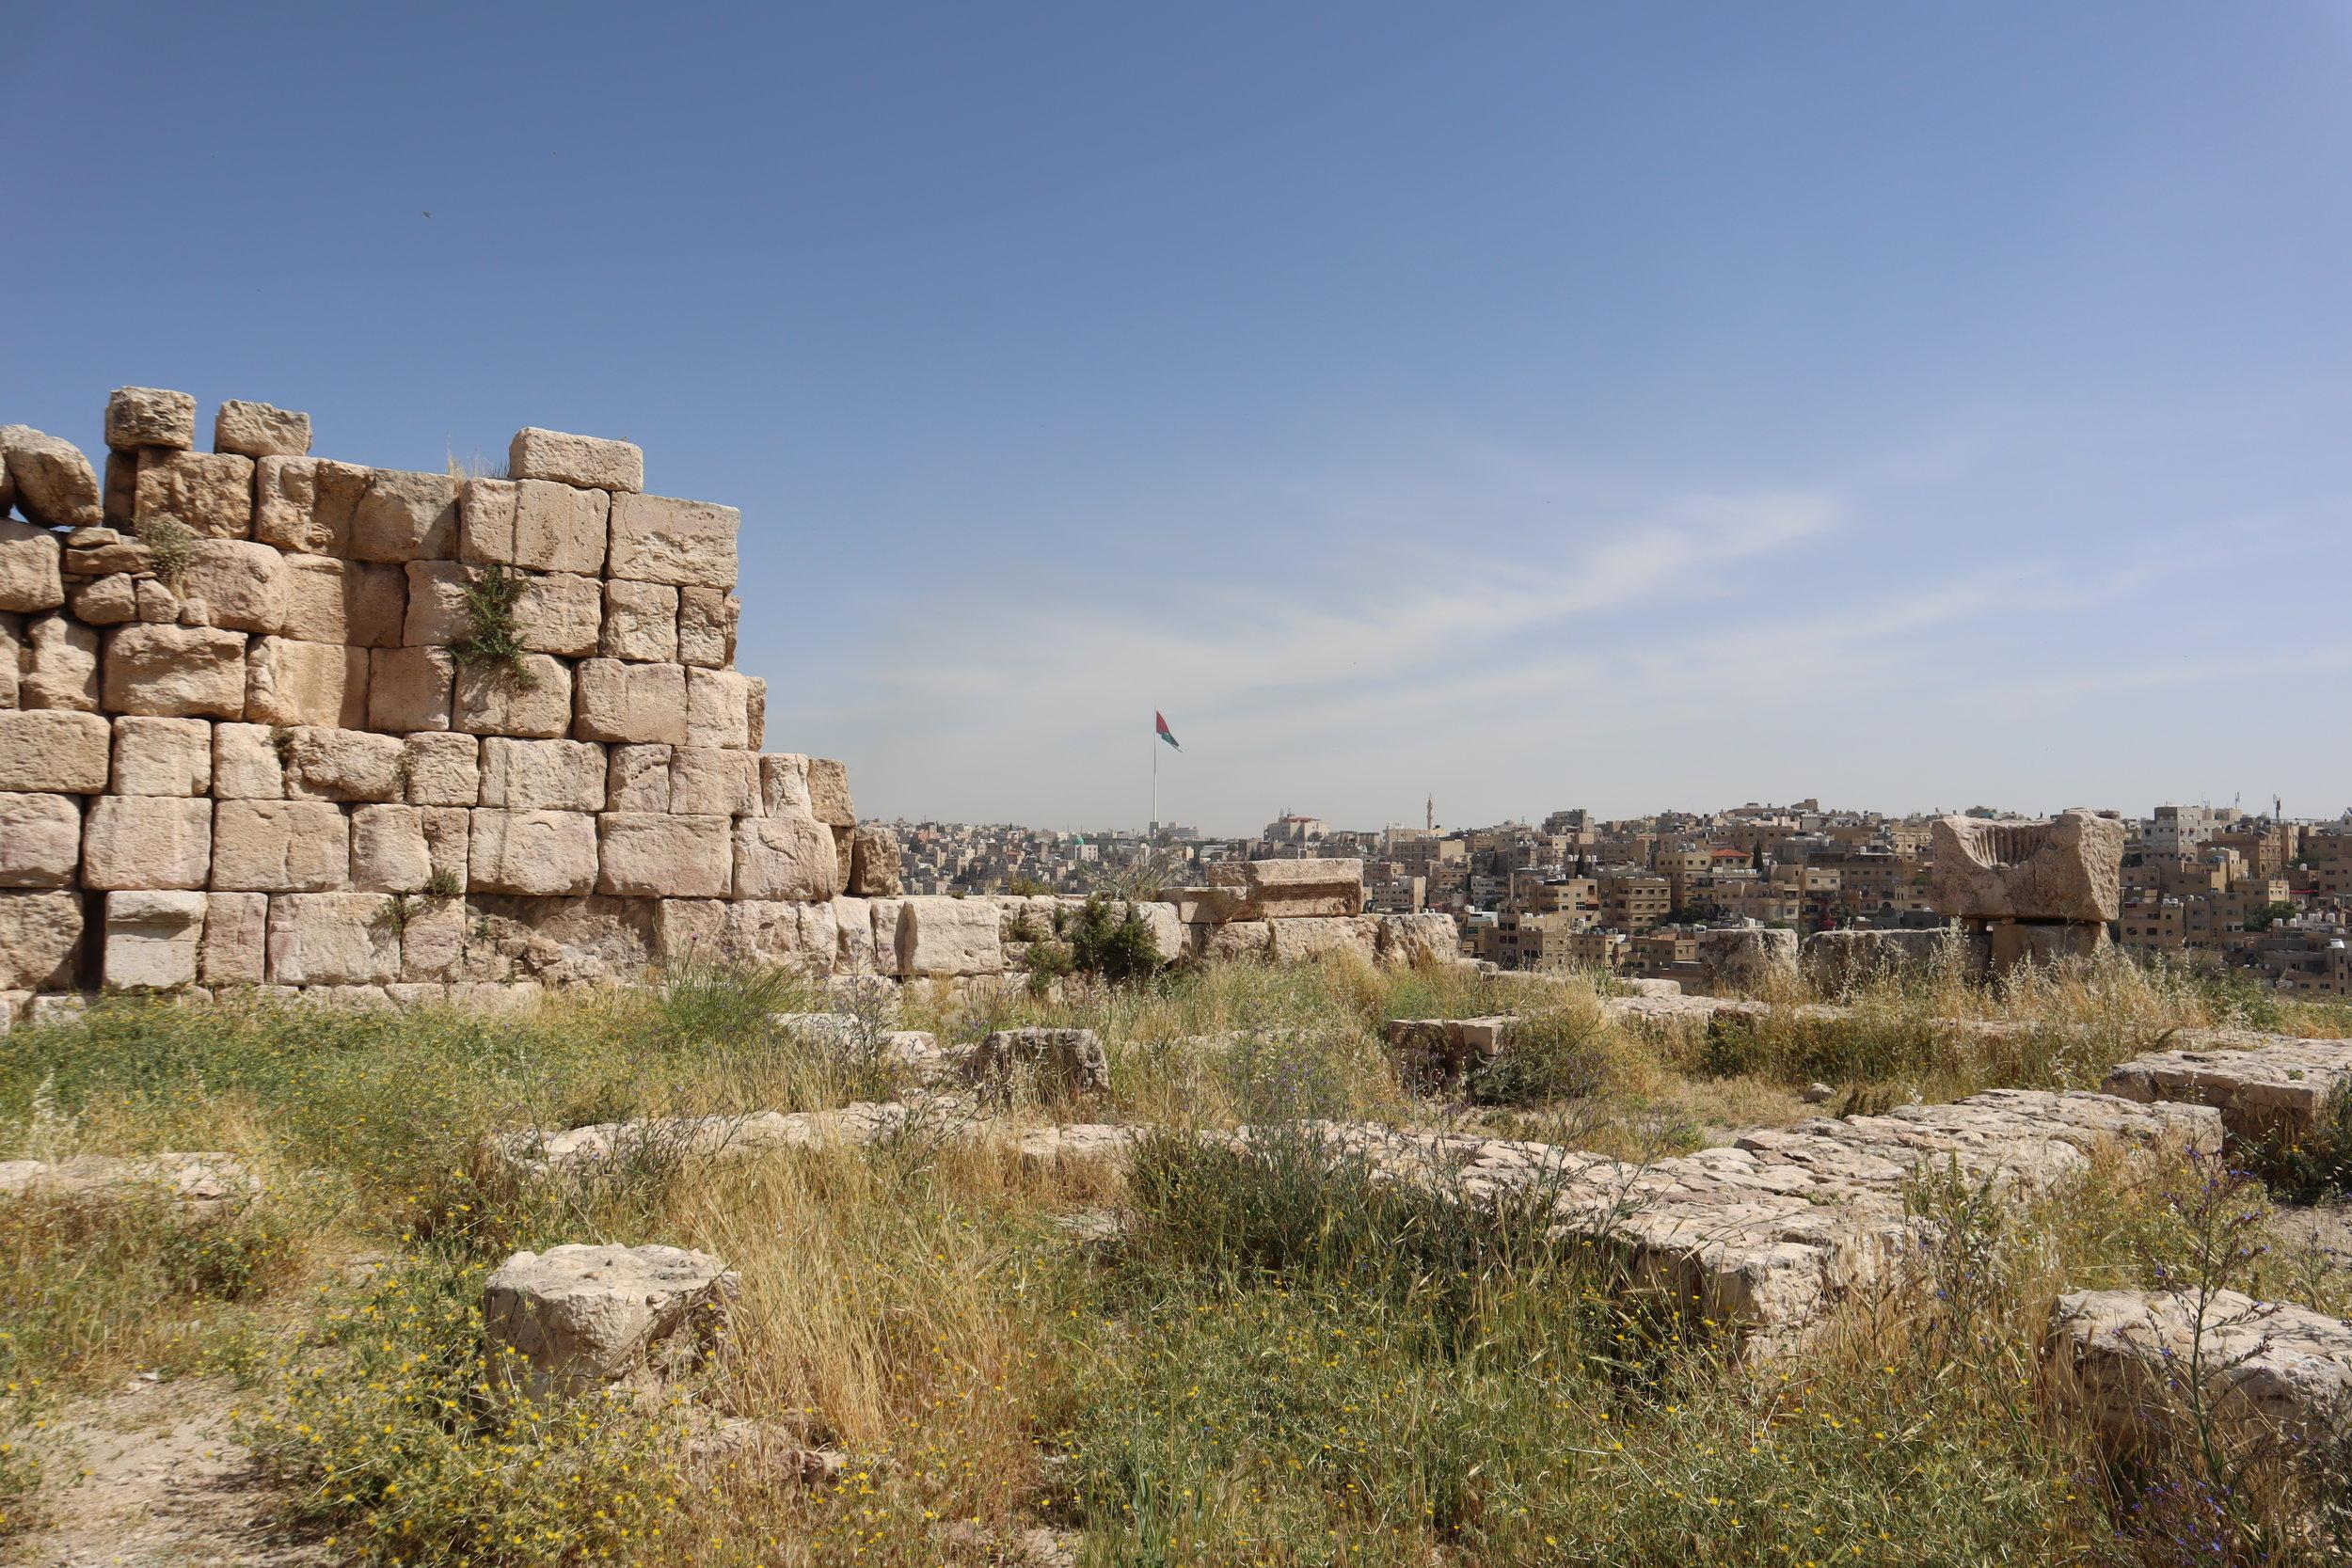 Amman Citadel – Citadel ruins